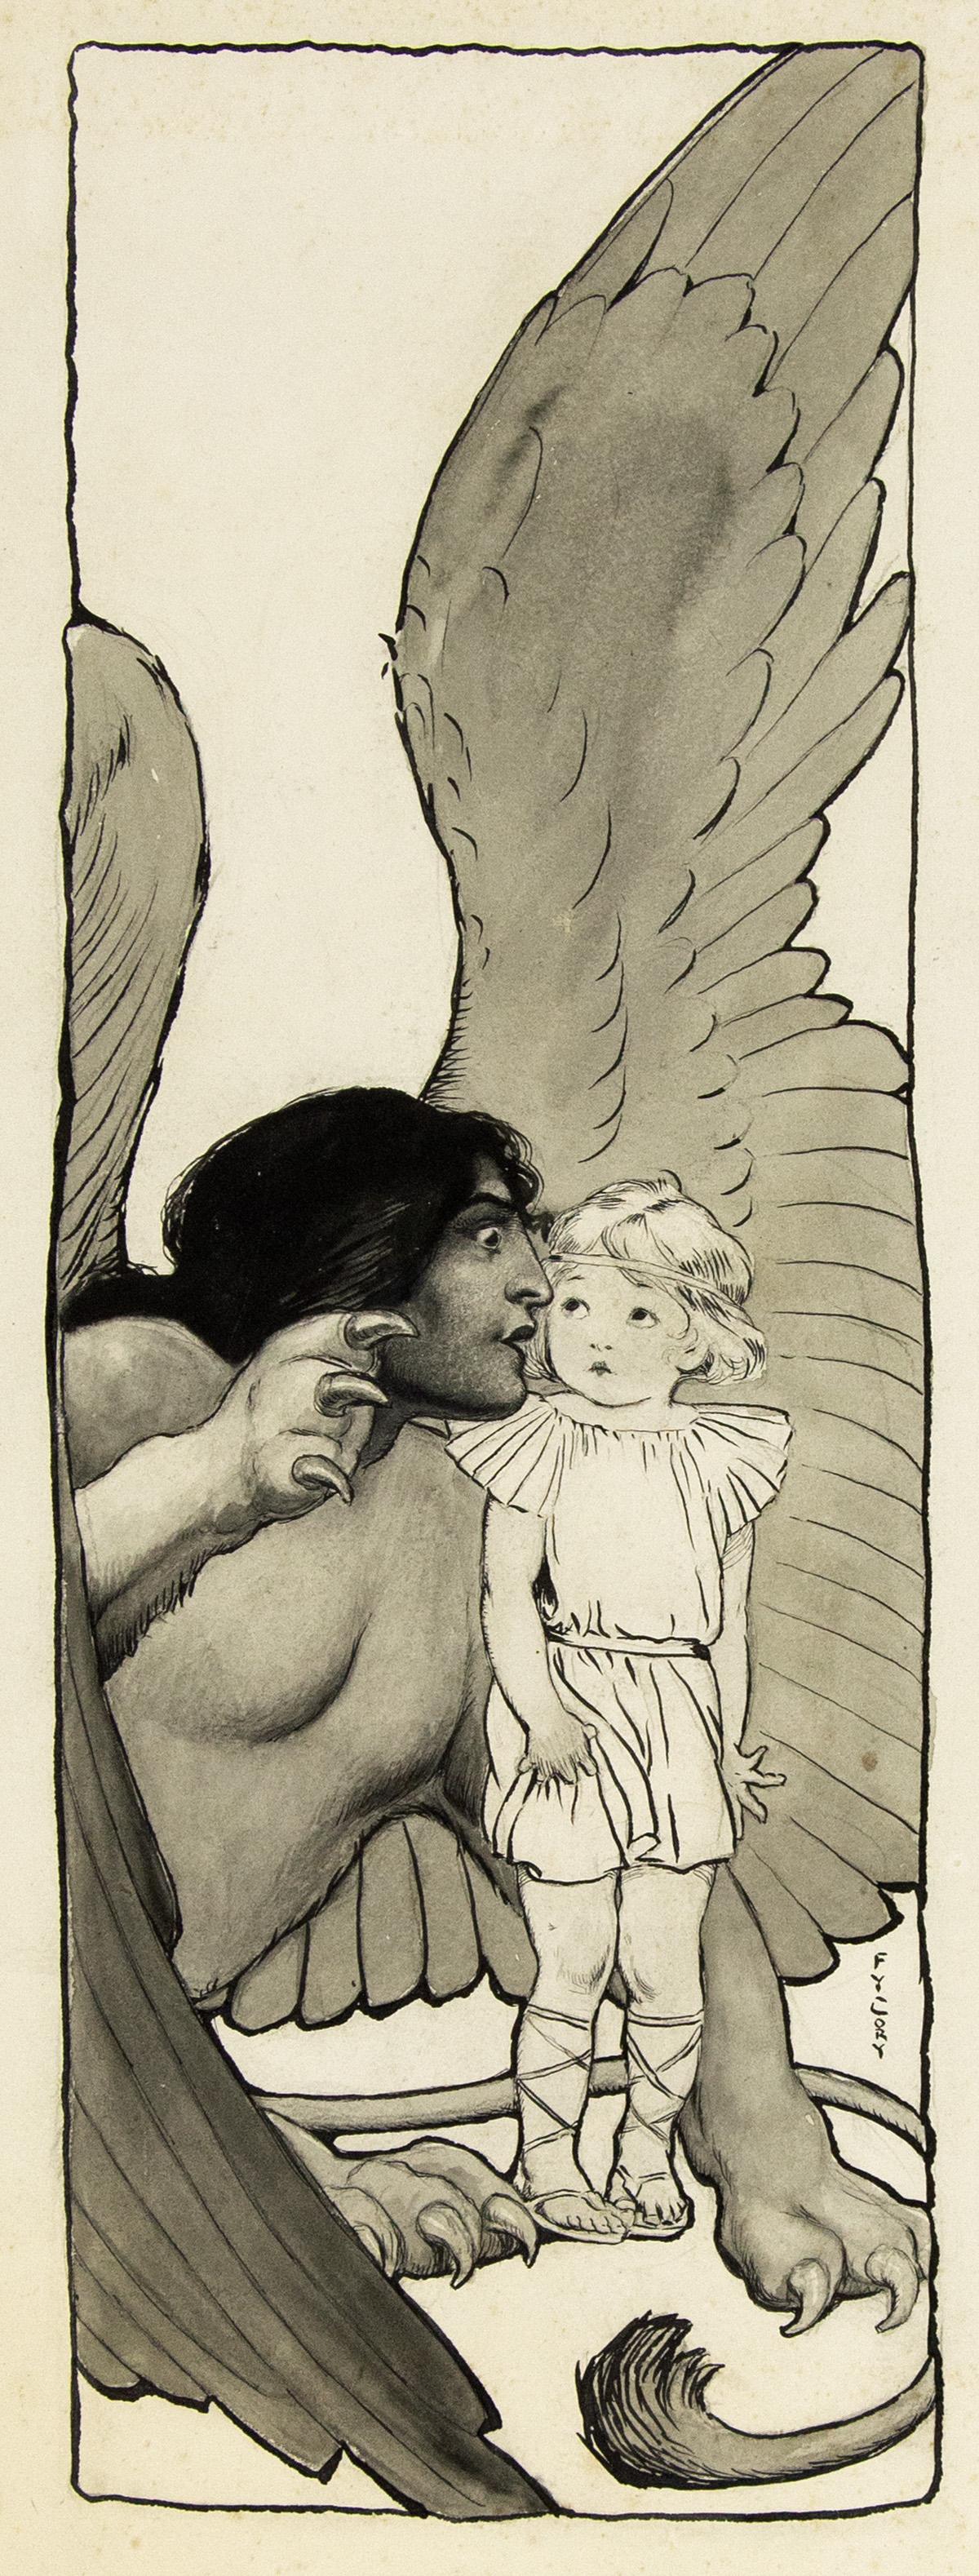 FANNY Y. CORY. The Bold Little Spartan Boy. [CHILDRENS / ST. NICHOLAS MAGAZINE]